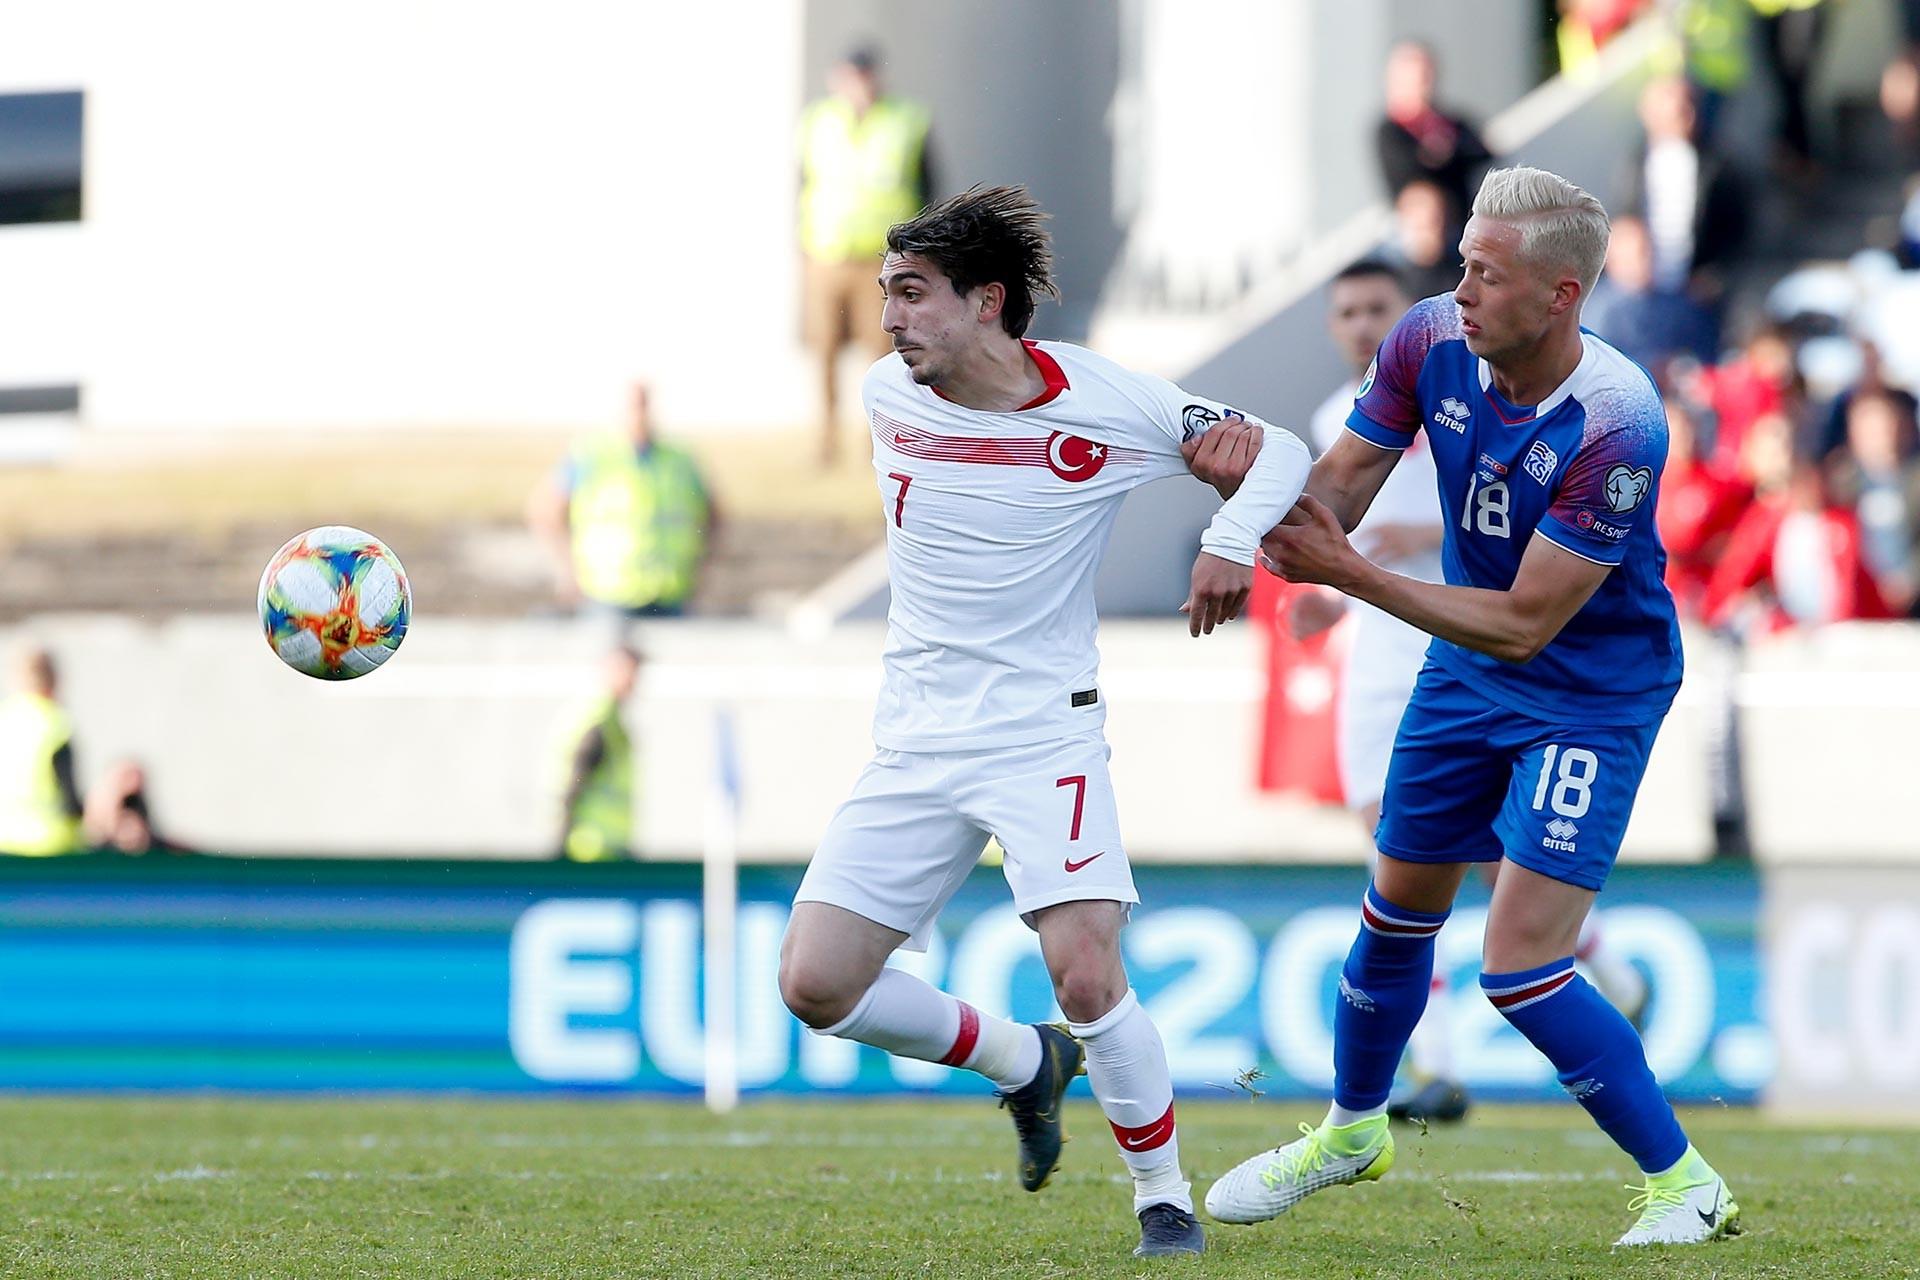 Trabzonspor'un genç oyuncusu Abdülkadir Ömür, İzlanda maçında oyuna girdikten sonra etkili oldu.